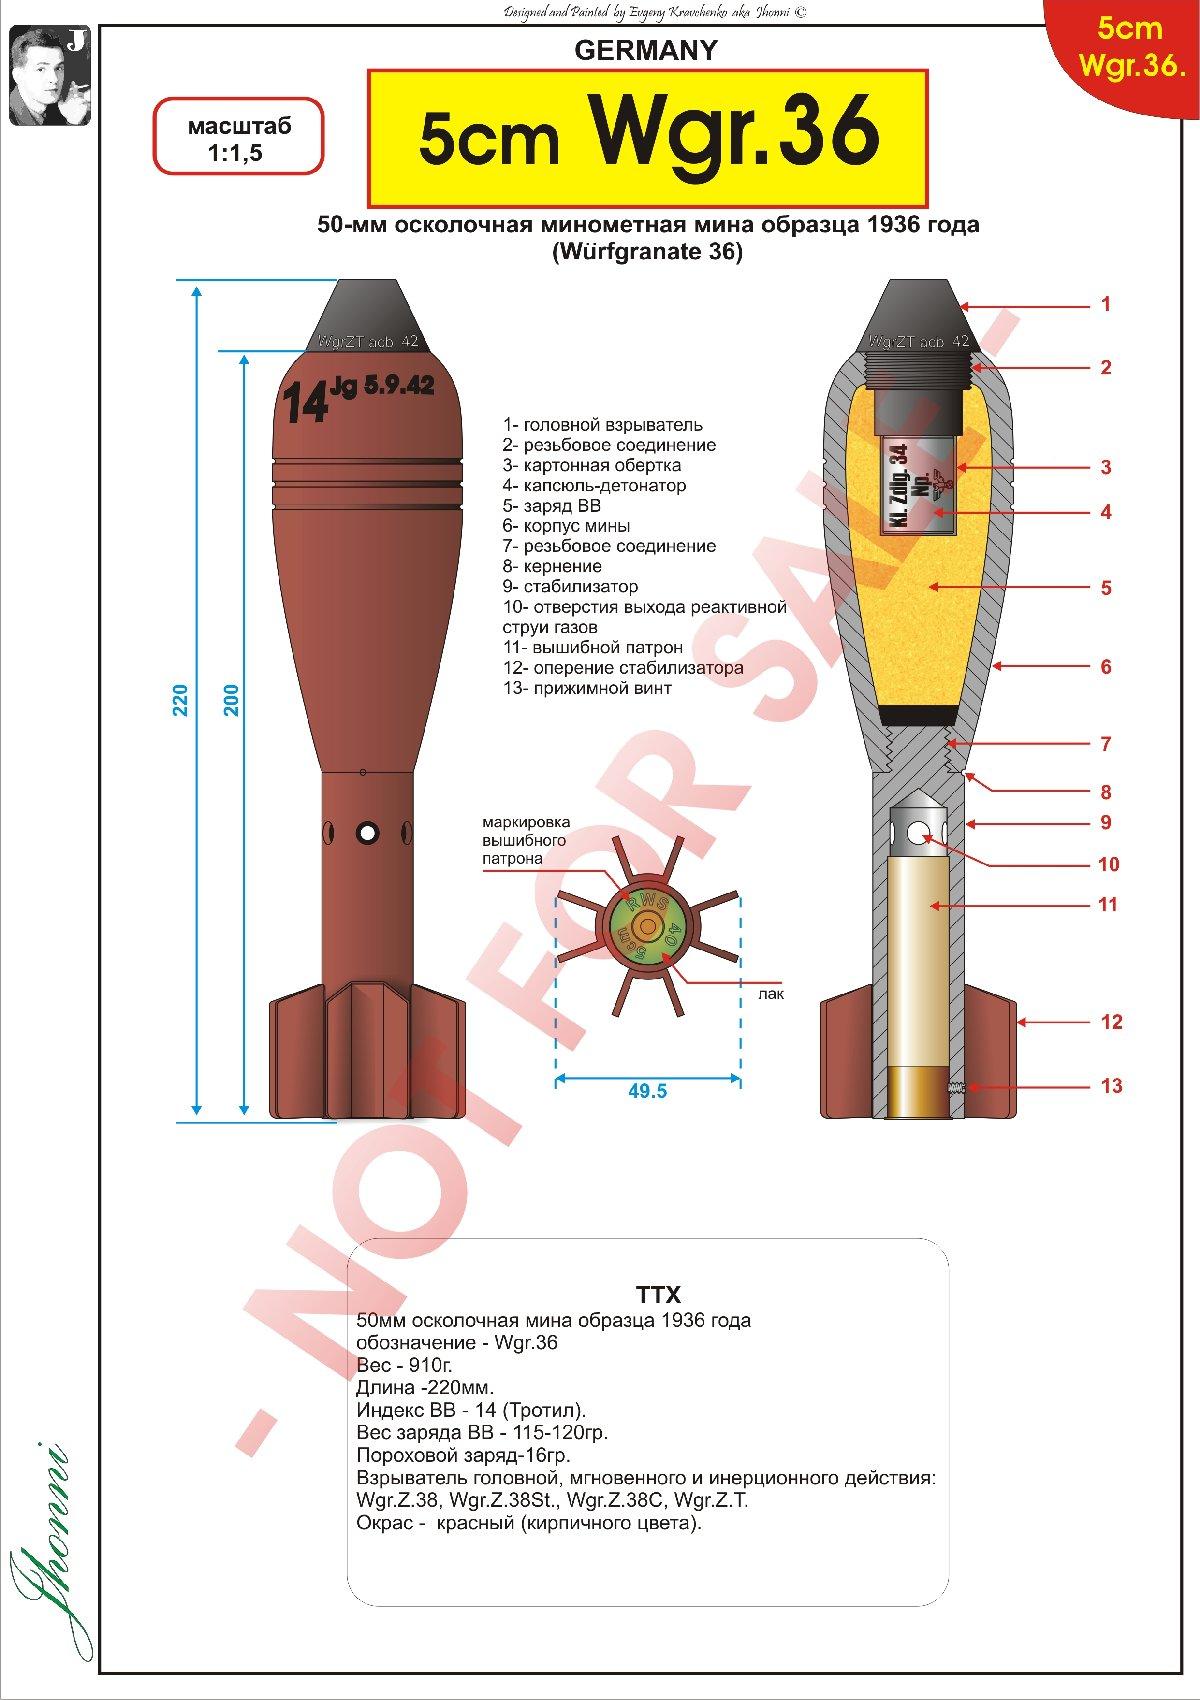 Схема 50мм минометной мины